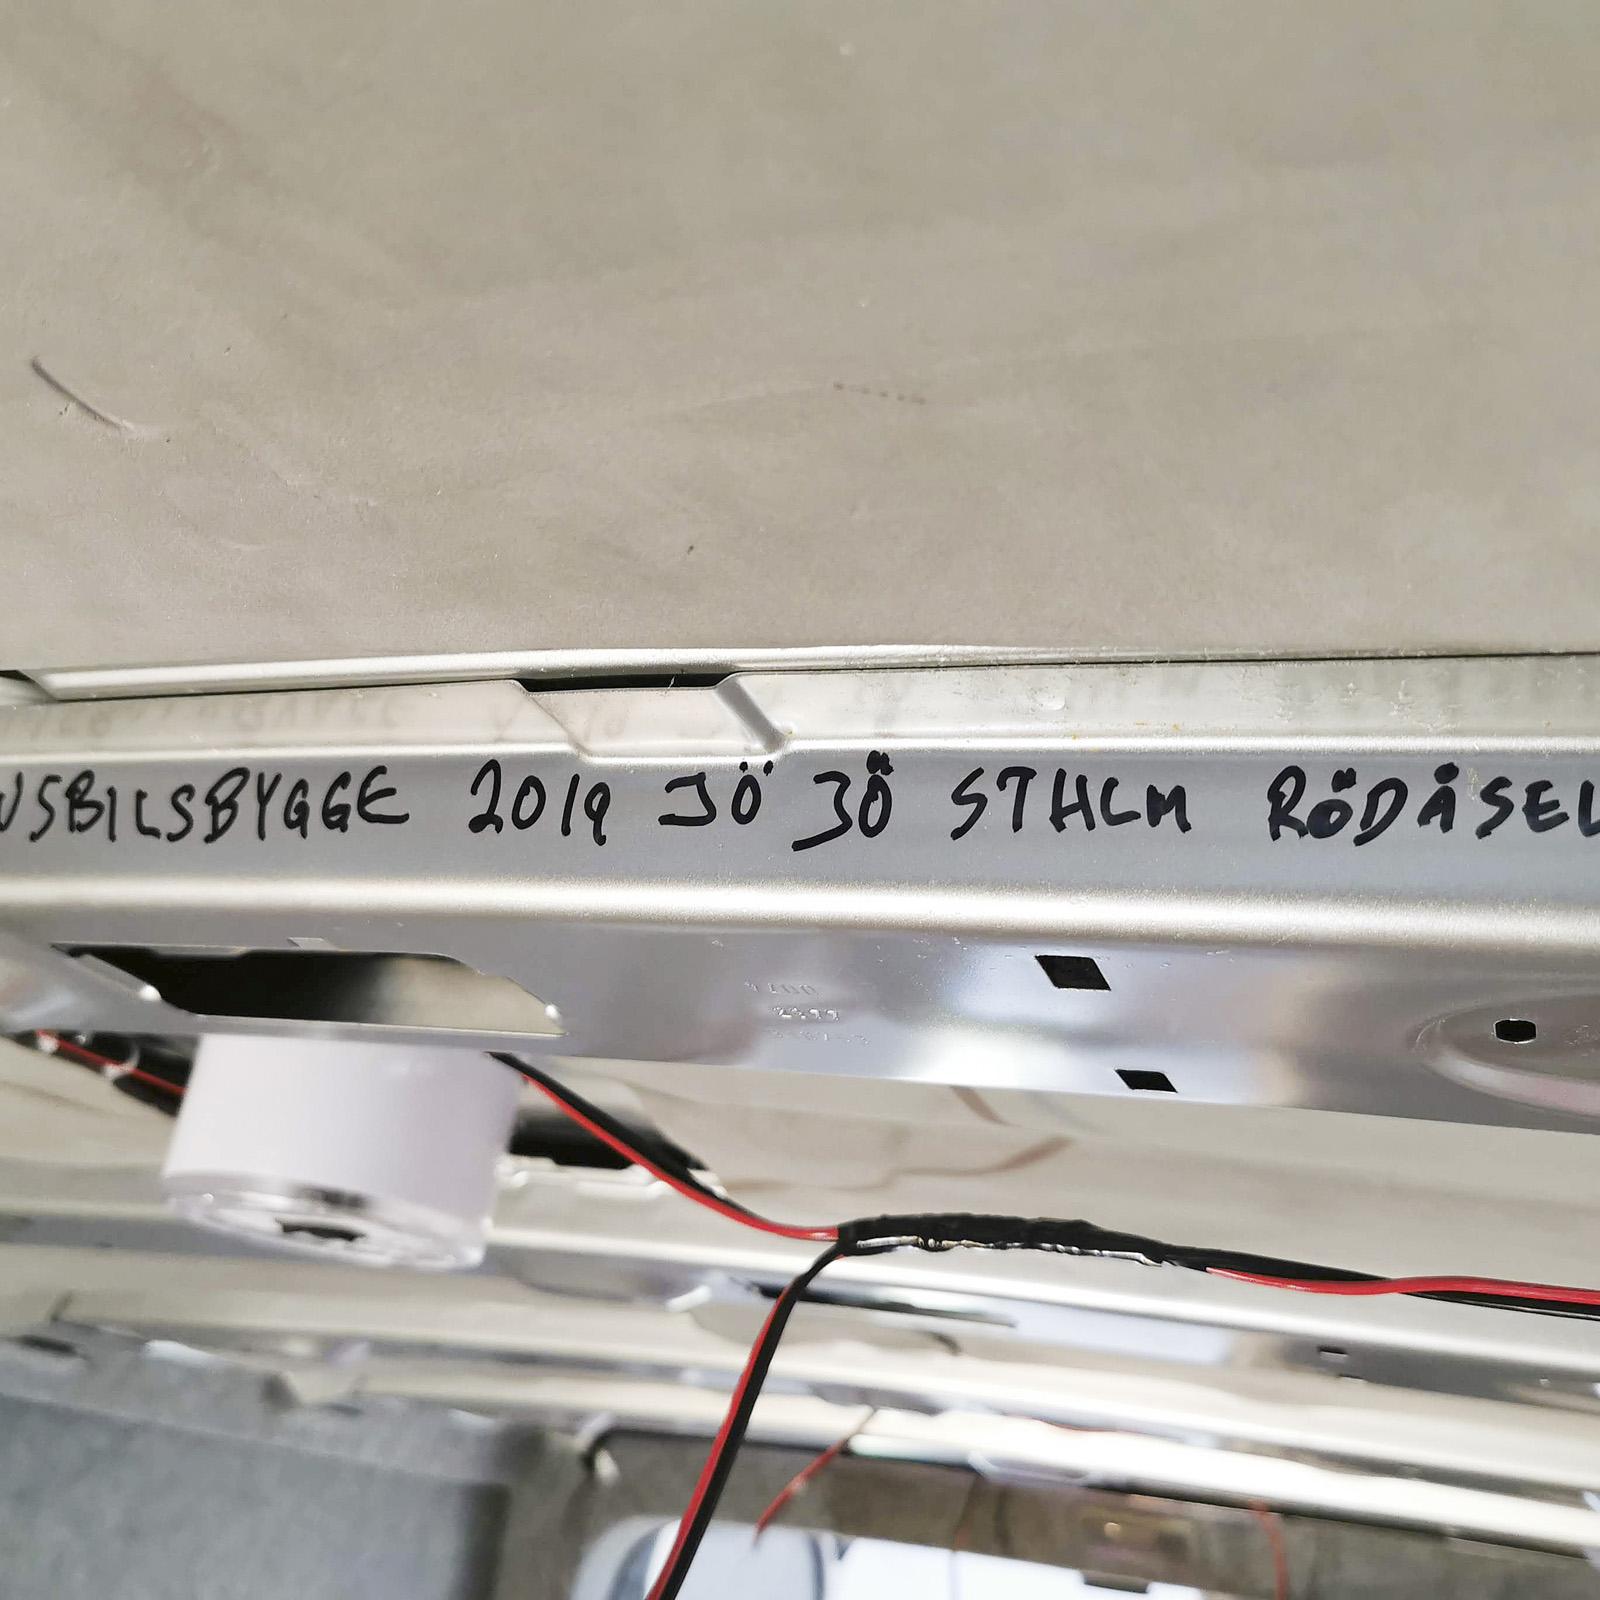 Signatur till framtida arkeologer som  penslar fram det märkliga fordonet VanCave. I nästa nummer av Husbil & Husvagn kan du läsa fortsättningen när vi tar oss an saker som golv, tak och väggar. Lite mer el-prylar ska förstås in också...